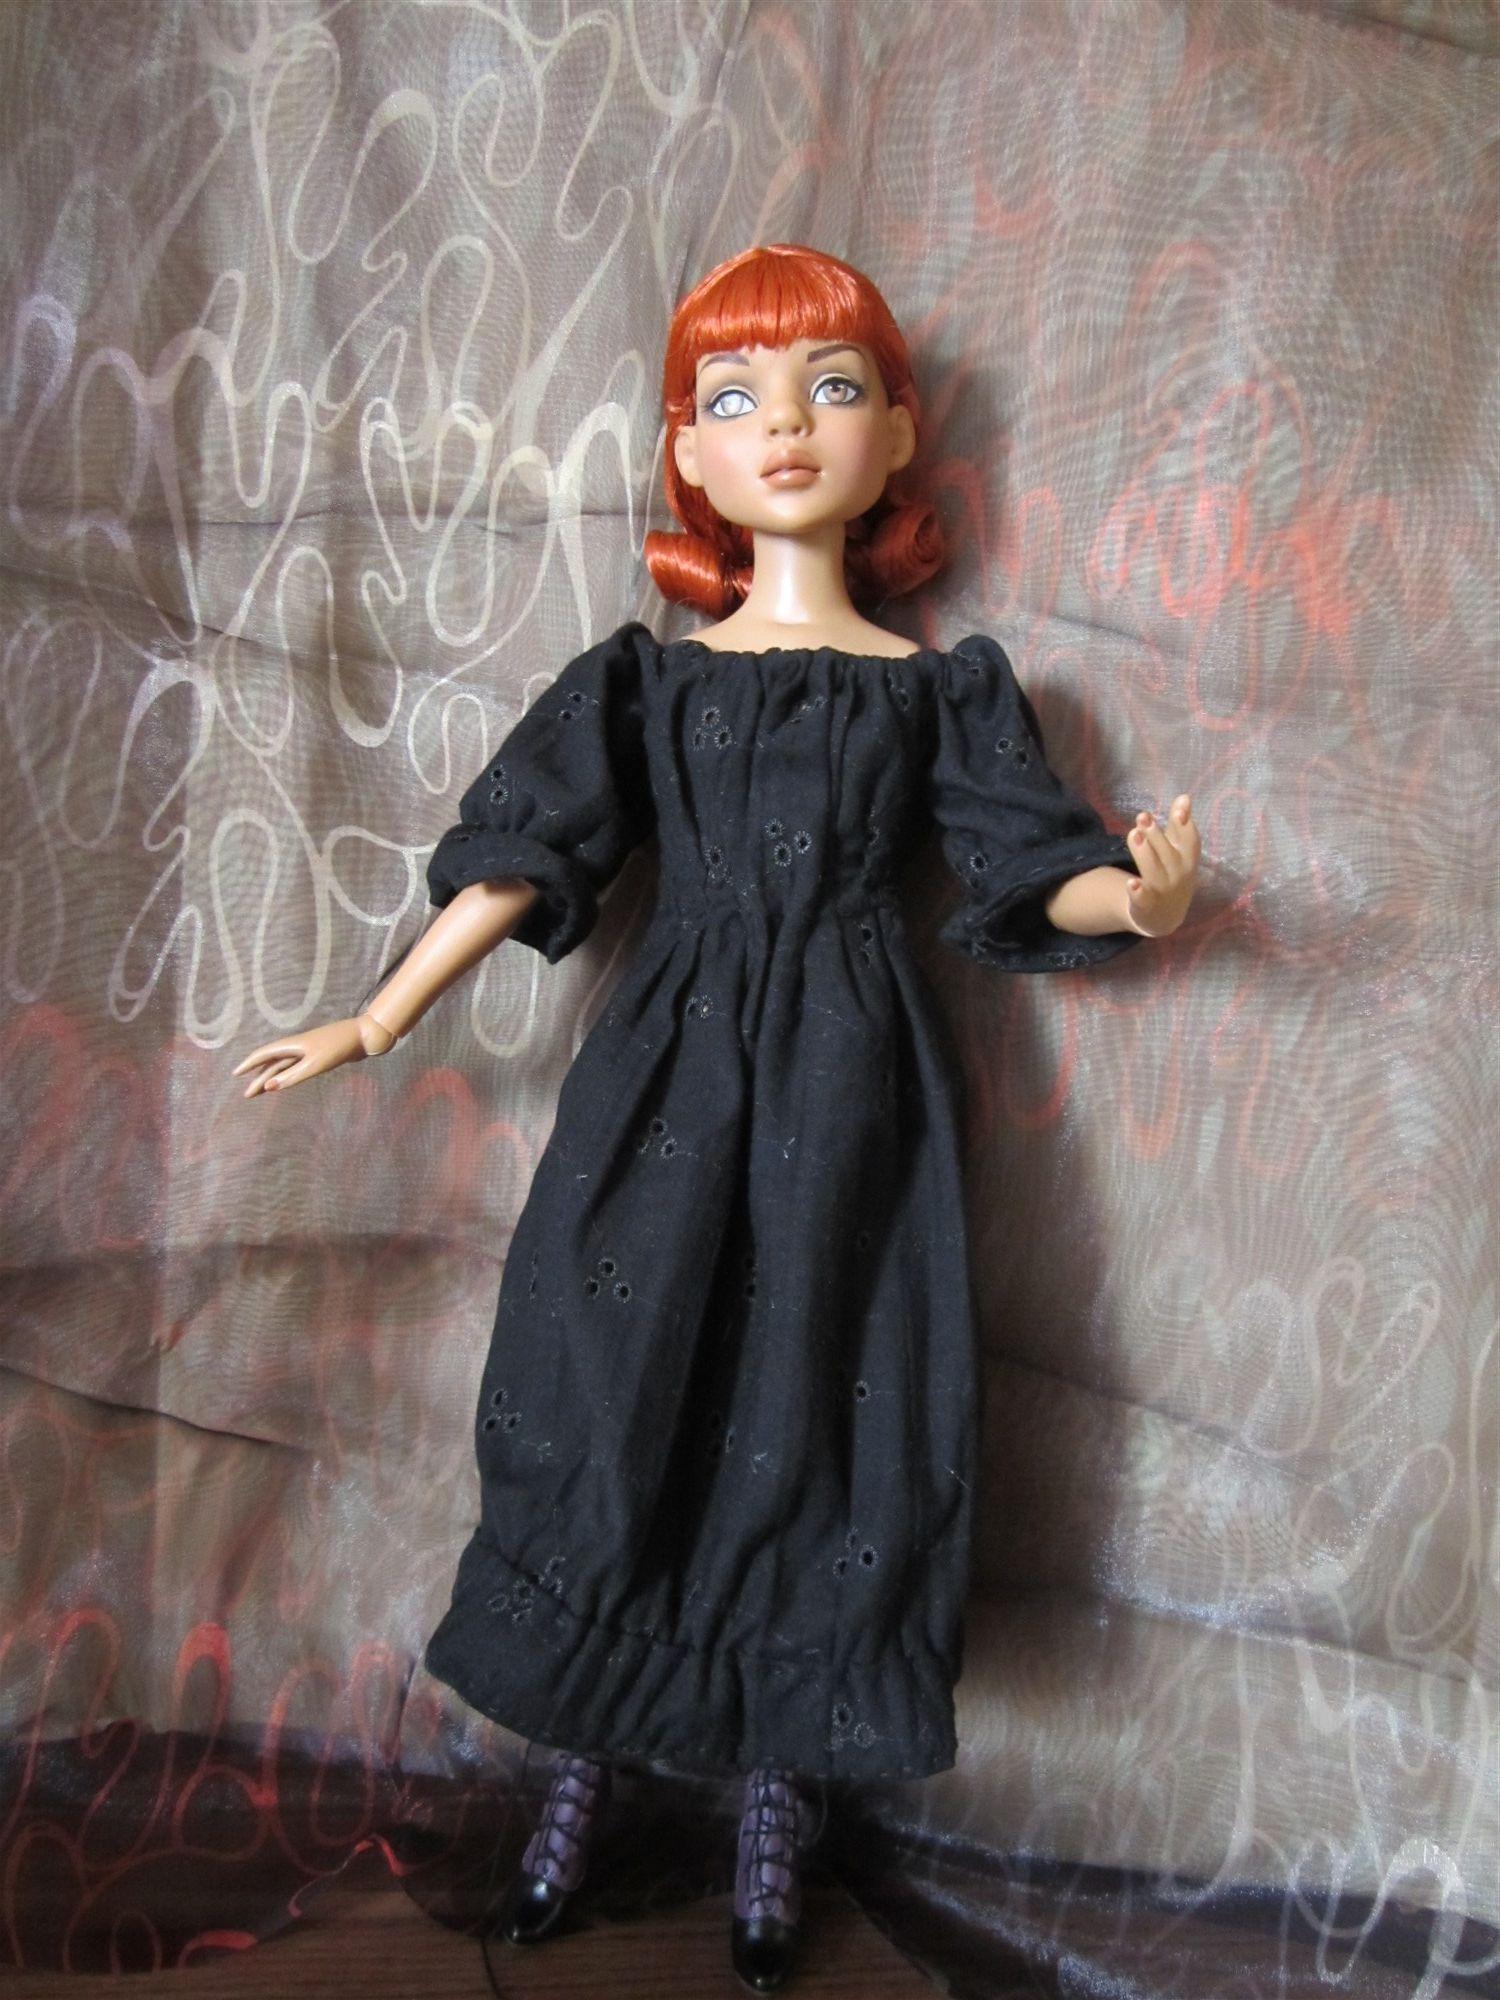 THEME DU MOIS DE NOVEMBRE 2013 : Ellowyne et sa petite robe noire 2012-05%20Lizette%2015